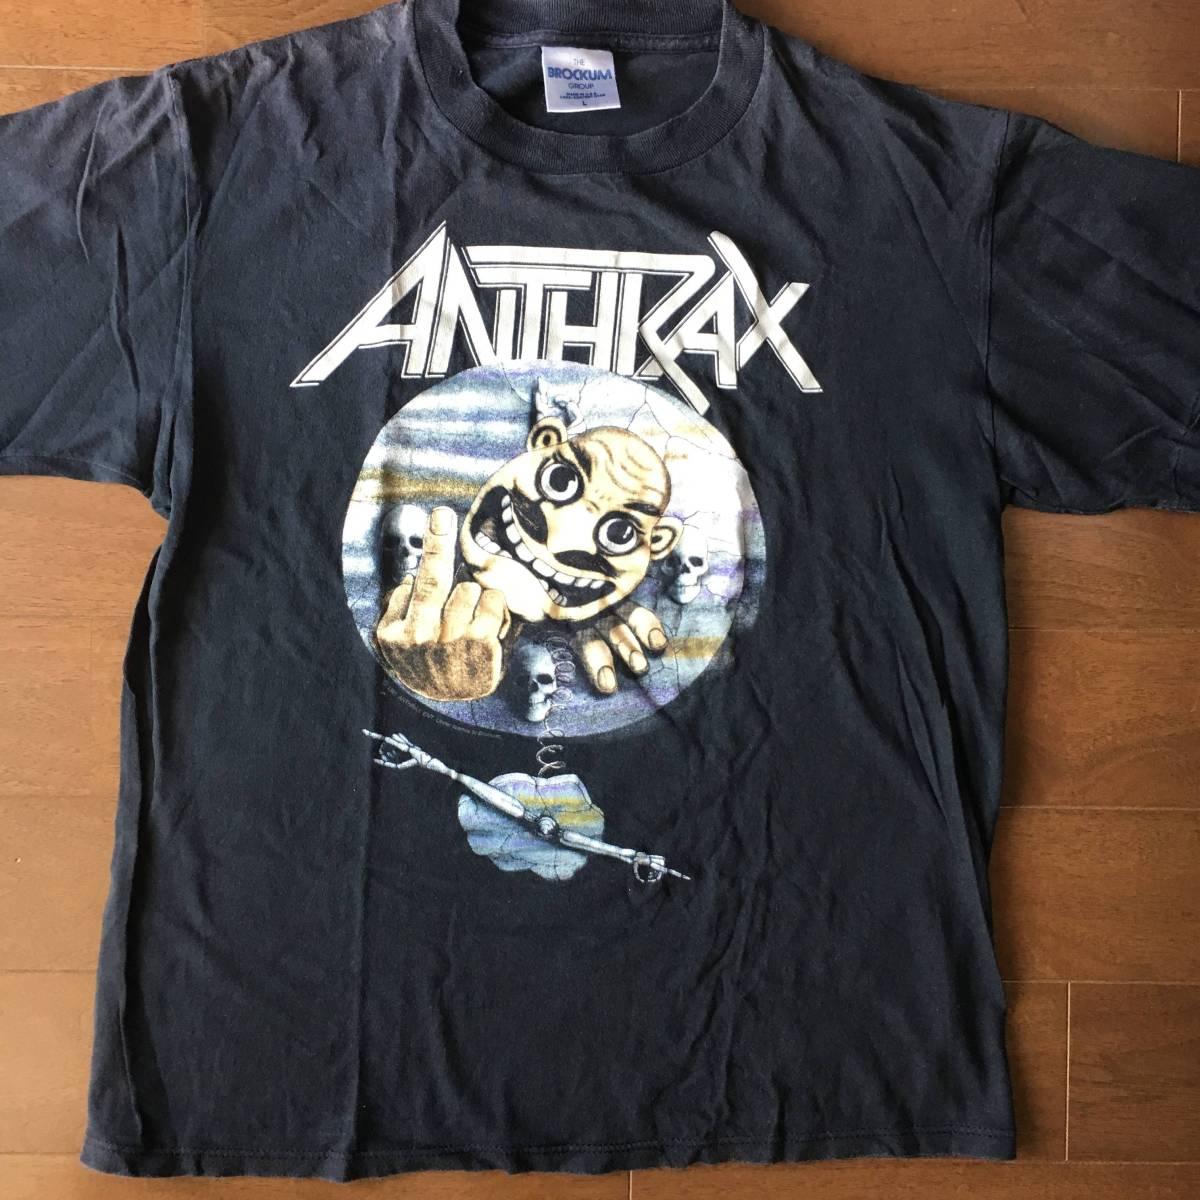 ビンテージ 超激レア ロックTシャツ ANTHRAX アンスラックス NOTMAN ノットマン 1991 黒 Lサイズ 古着 バンドTシャツ vintage metalliaca